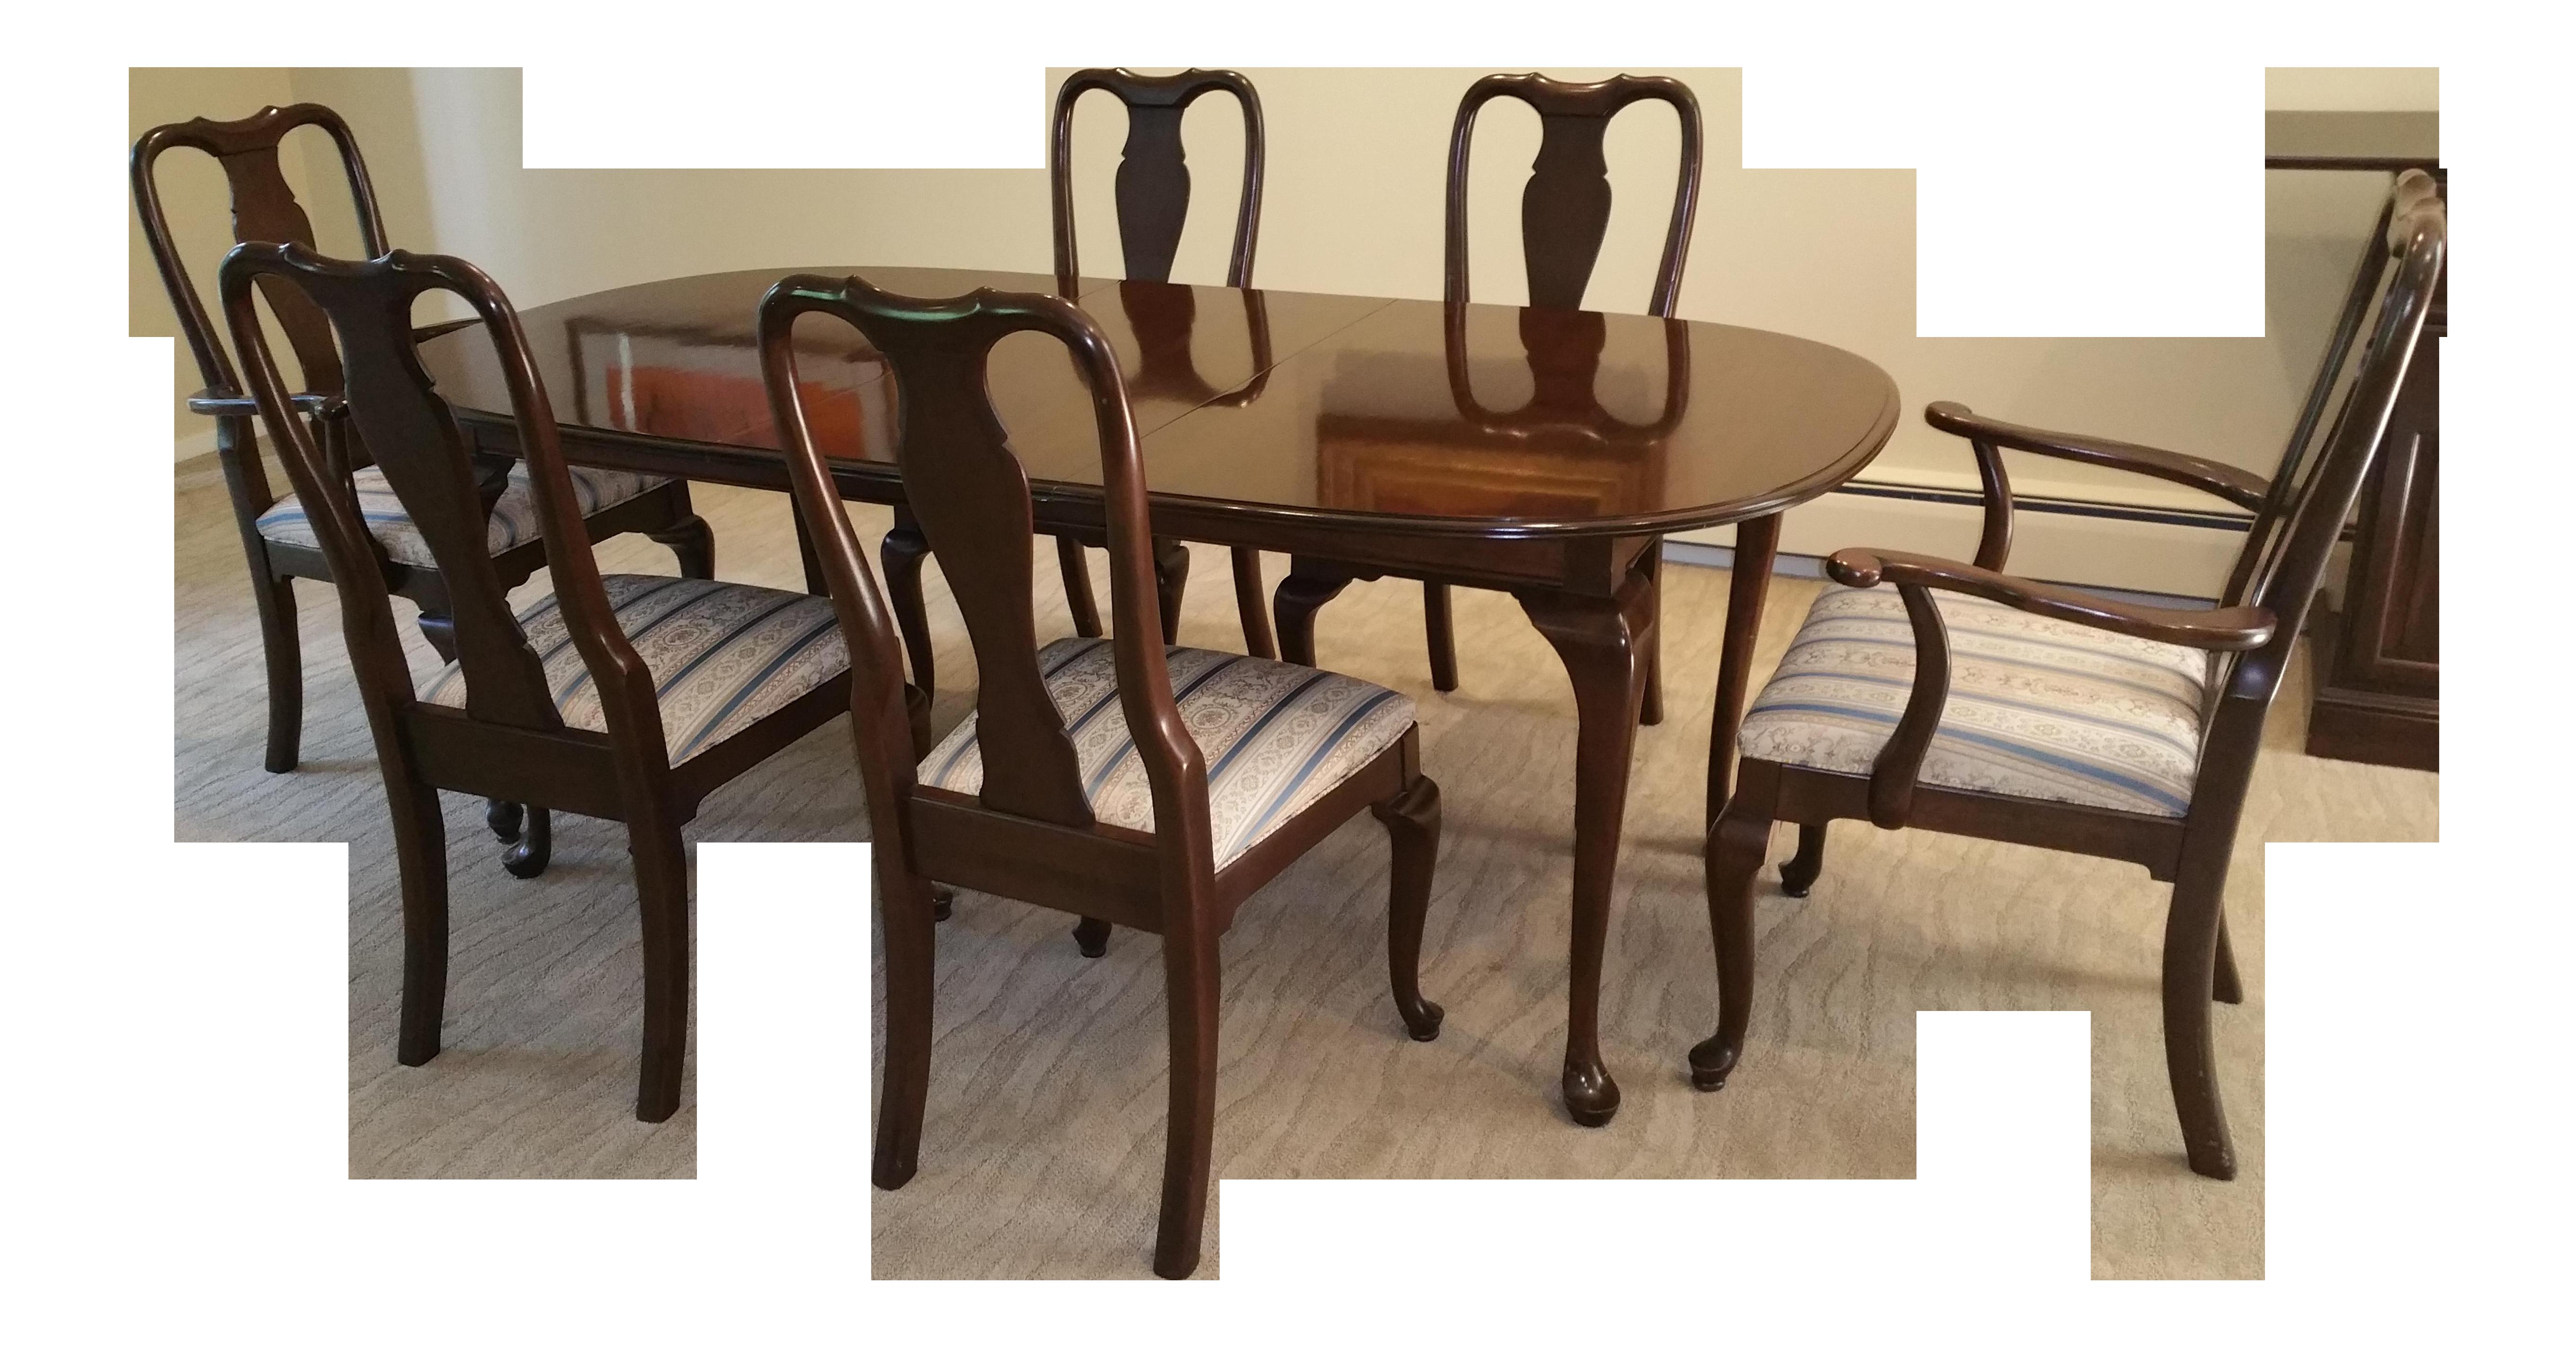 VintageUsed Ethan Allen Furniture LightingDecor